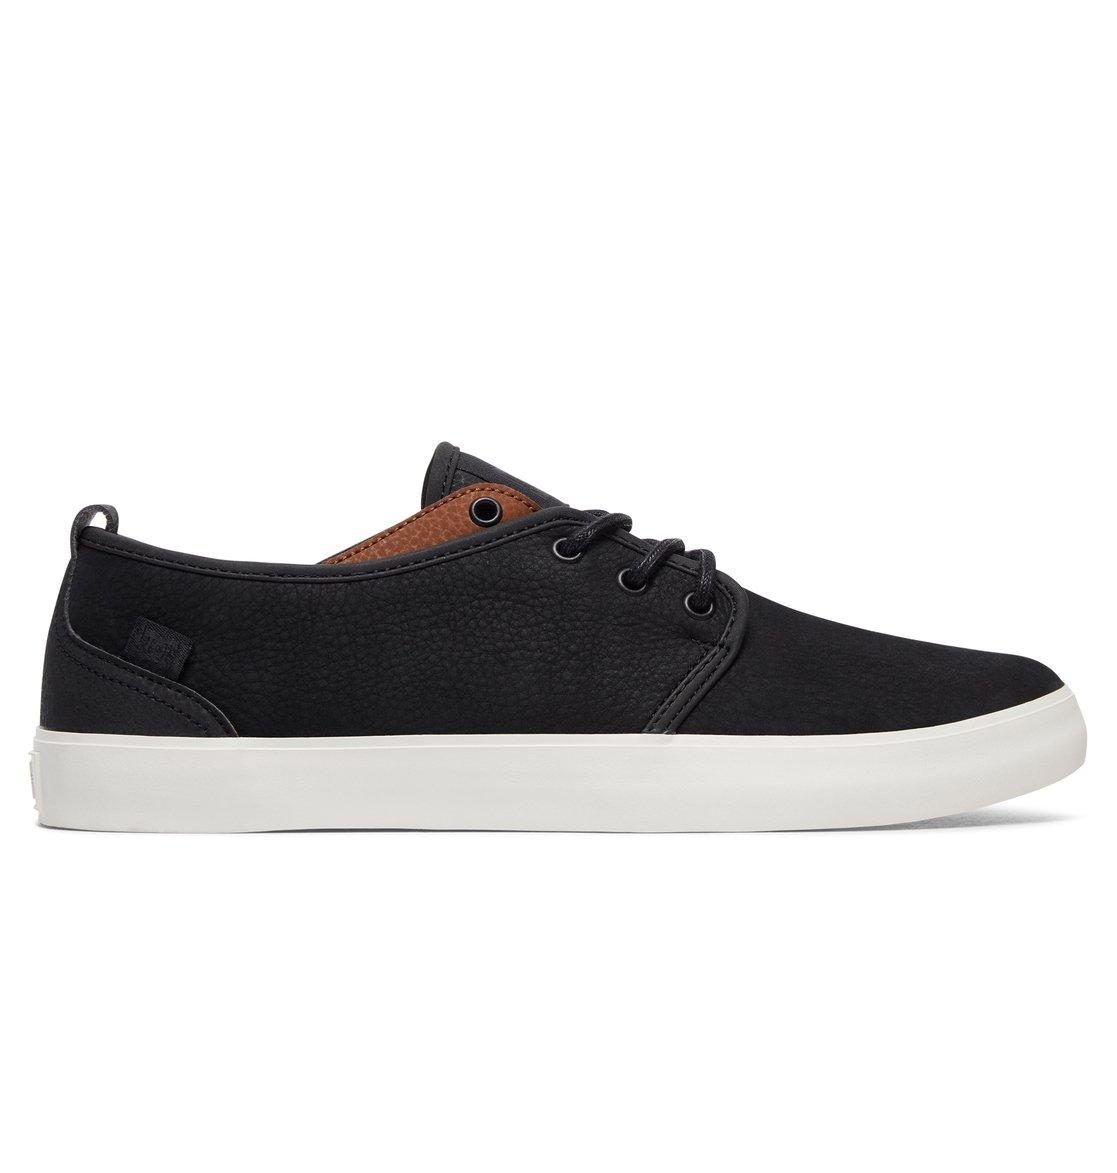 Shoes Adys300414 0 Studio Heren Dc Black Le Schoenen Voor 2 U4ZSz